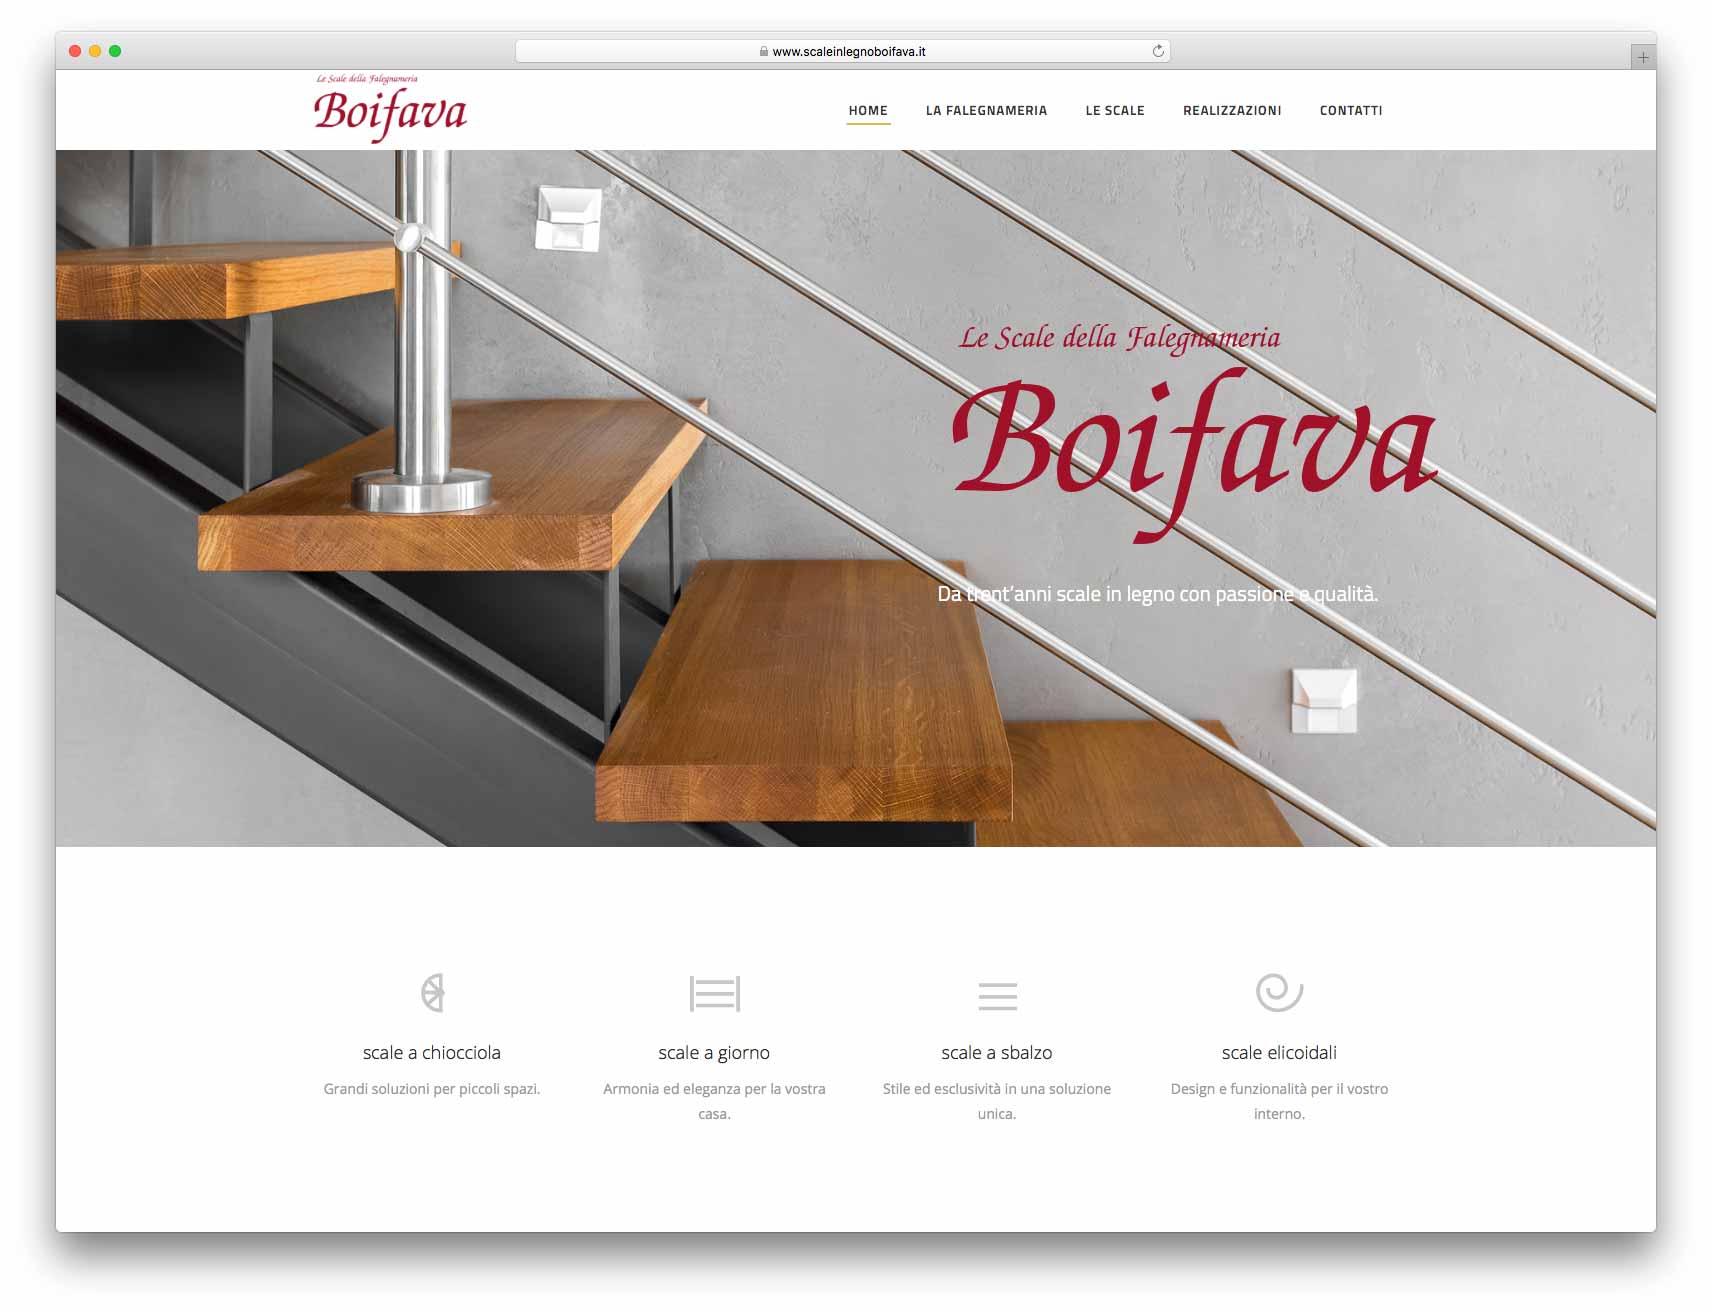 creazione siti web brescia - Agenzia P - sito web Falegnameria Boifava